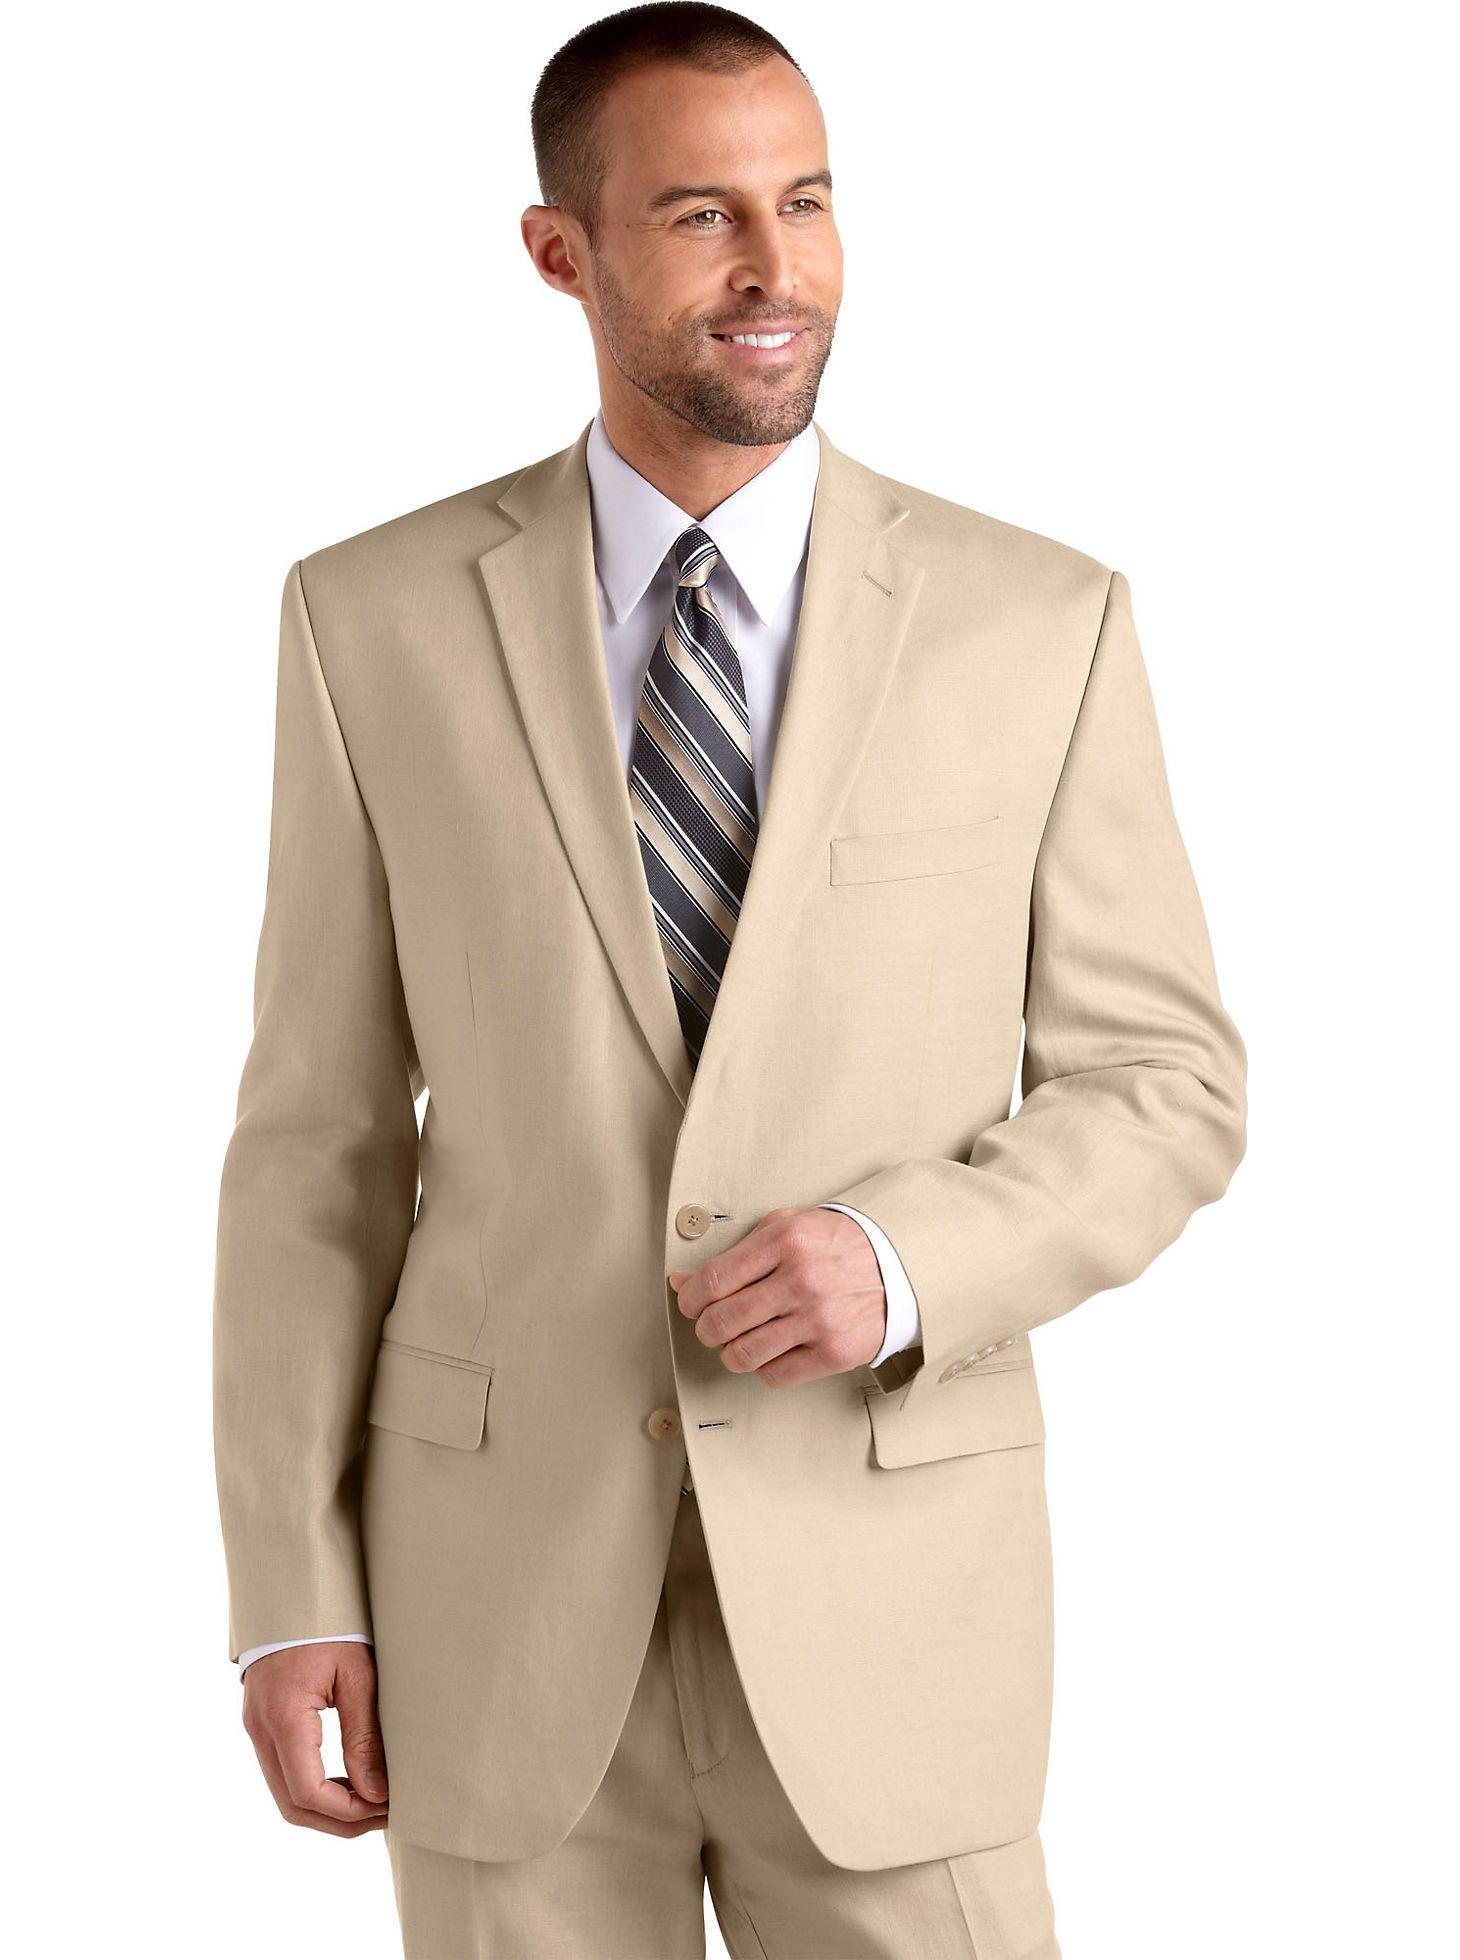 7d72af970d96 Mens - Calvin Klein Tan Linen Suit Separates Slim Fit Coat - Men's Wearhouse